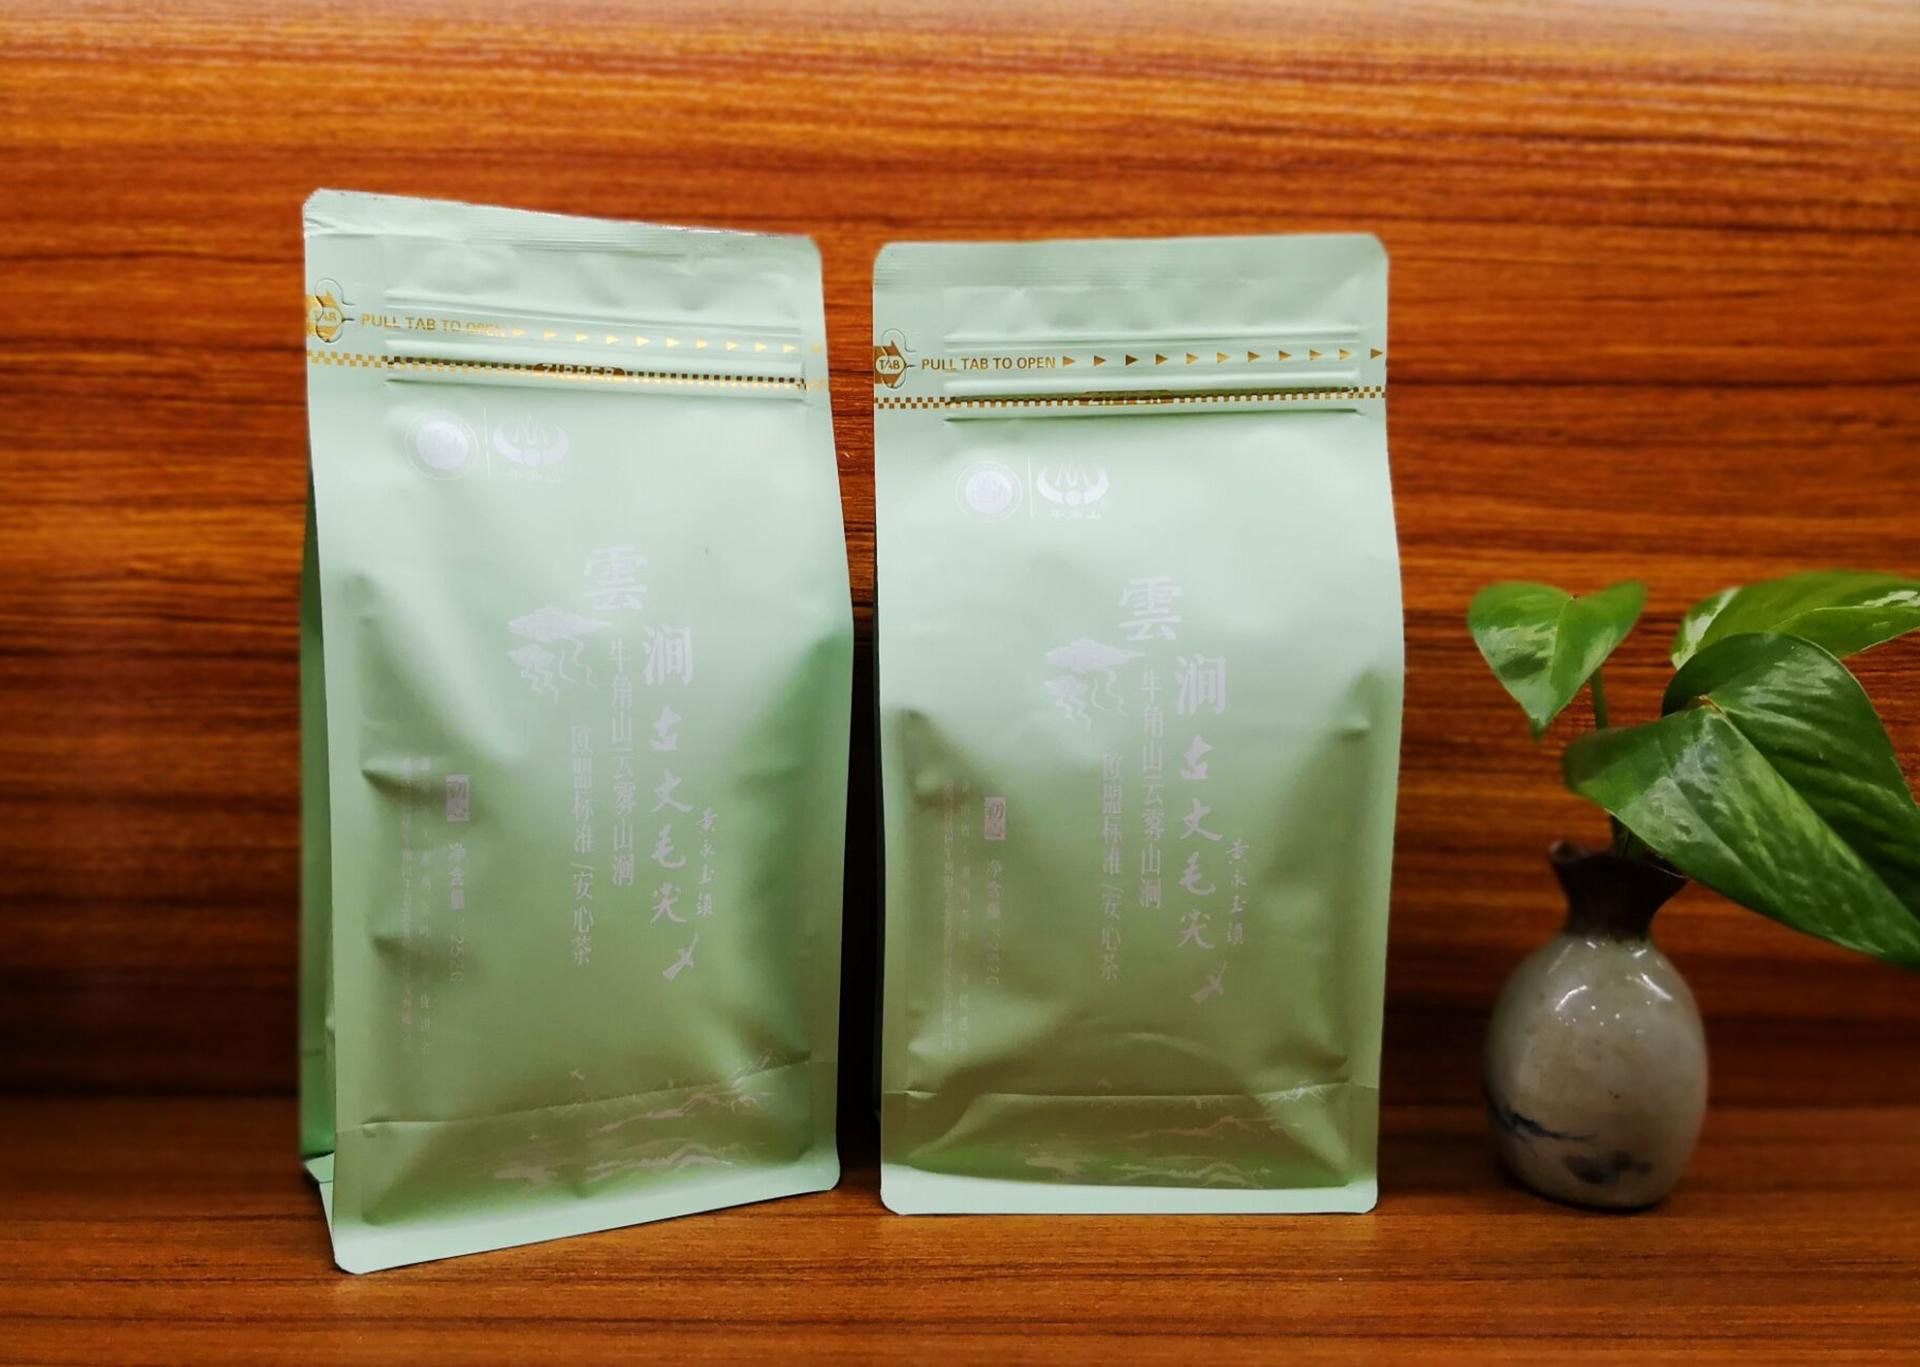 牛角山绿茶价格_贵州绿茶相关-湘西自治州牛角山生态农业科技开发有限公司